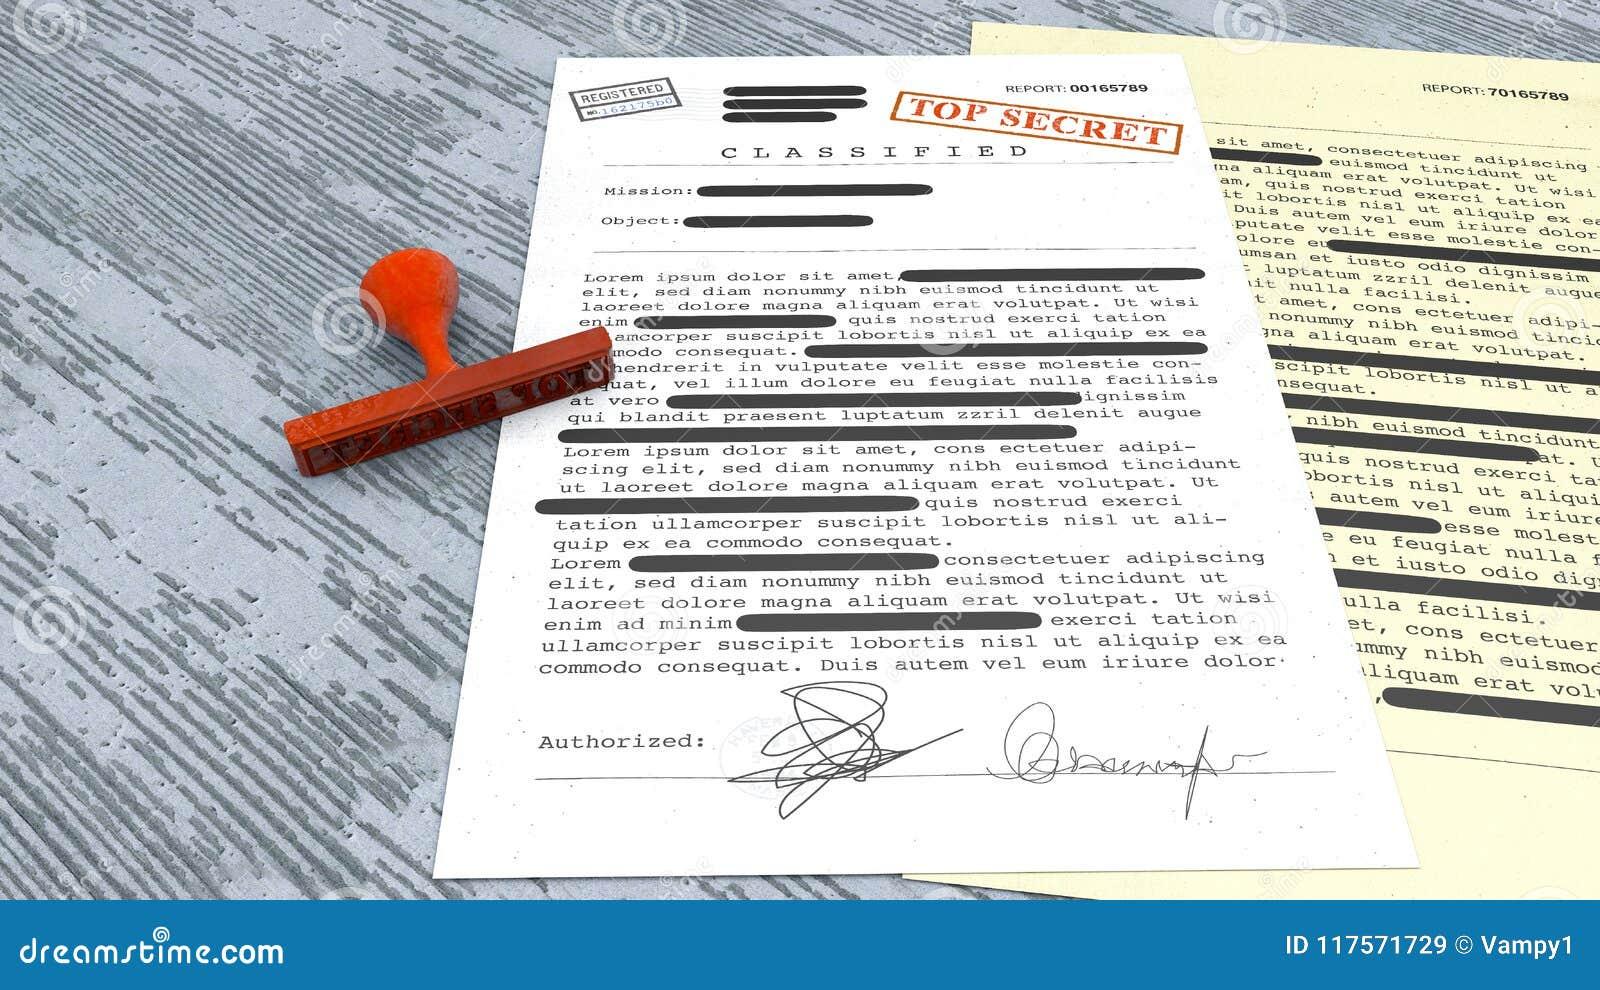 Сверхсекретный документ, штемпель, рассекречиванная, конфиденциальная информация, секретный текст данные по Не-публики